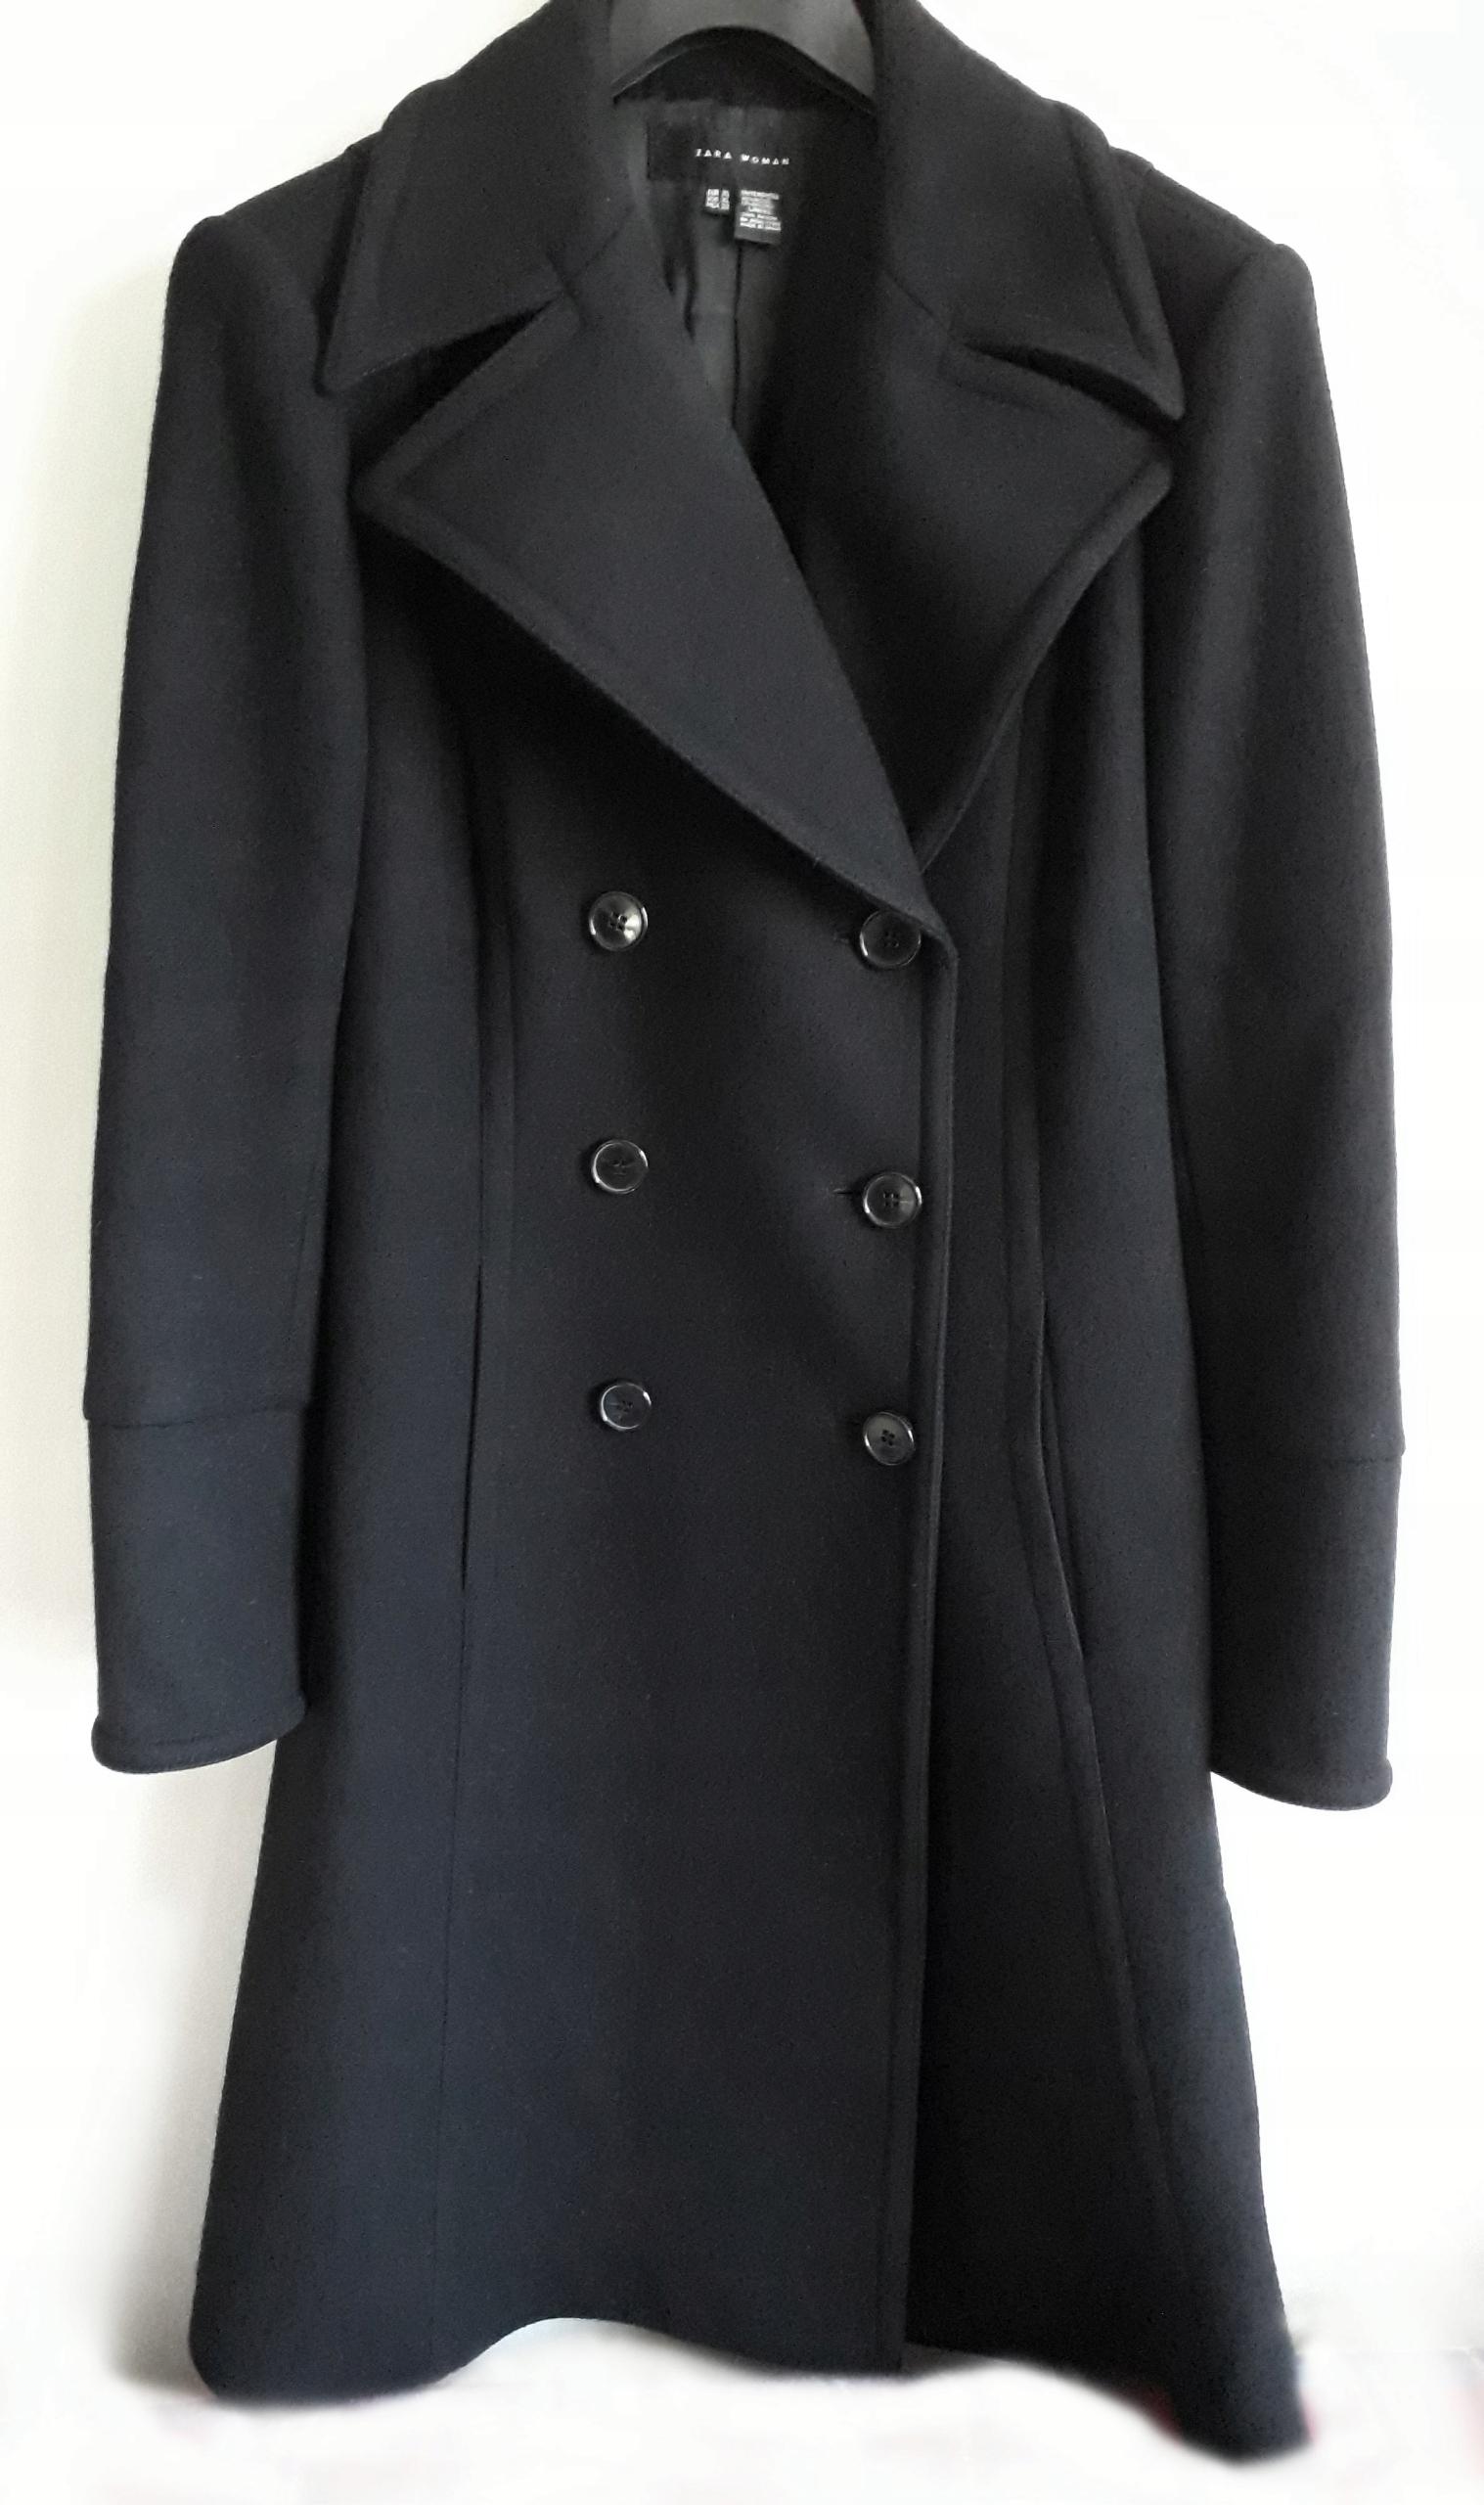 ZARA czarny wiosenny wełniany płaszcz zamki 38 M j.nowy